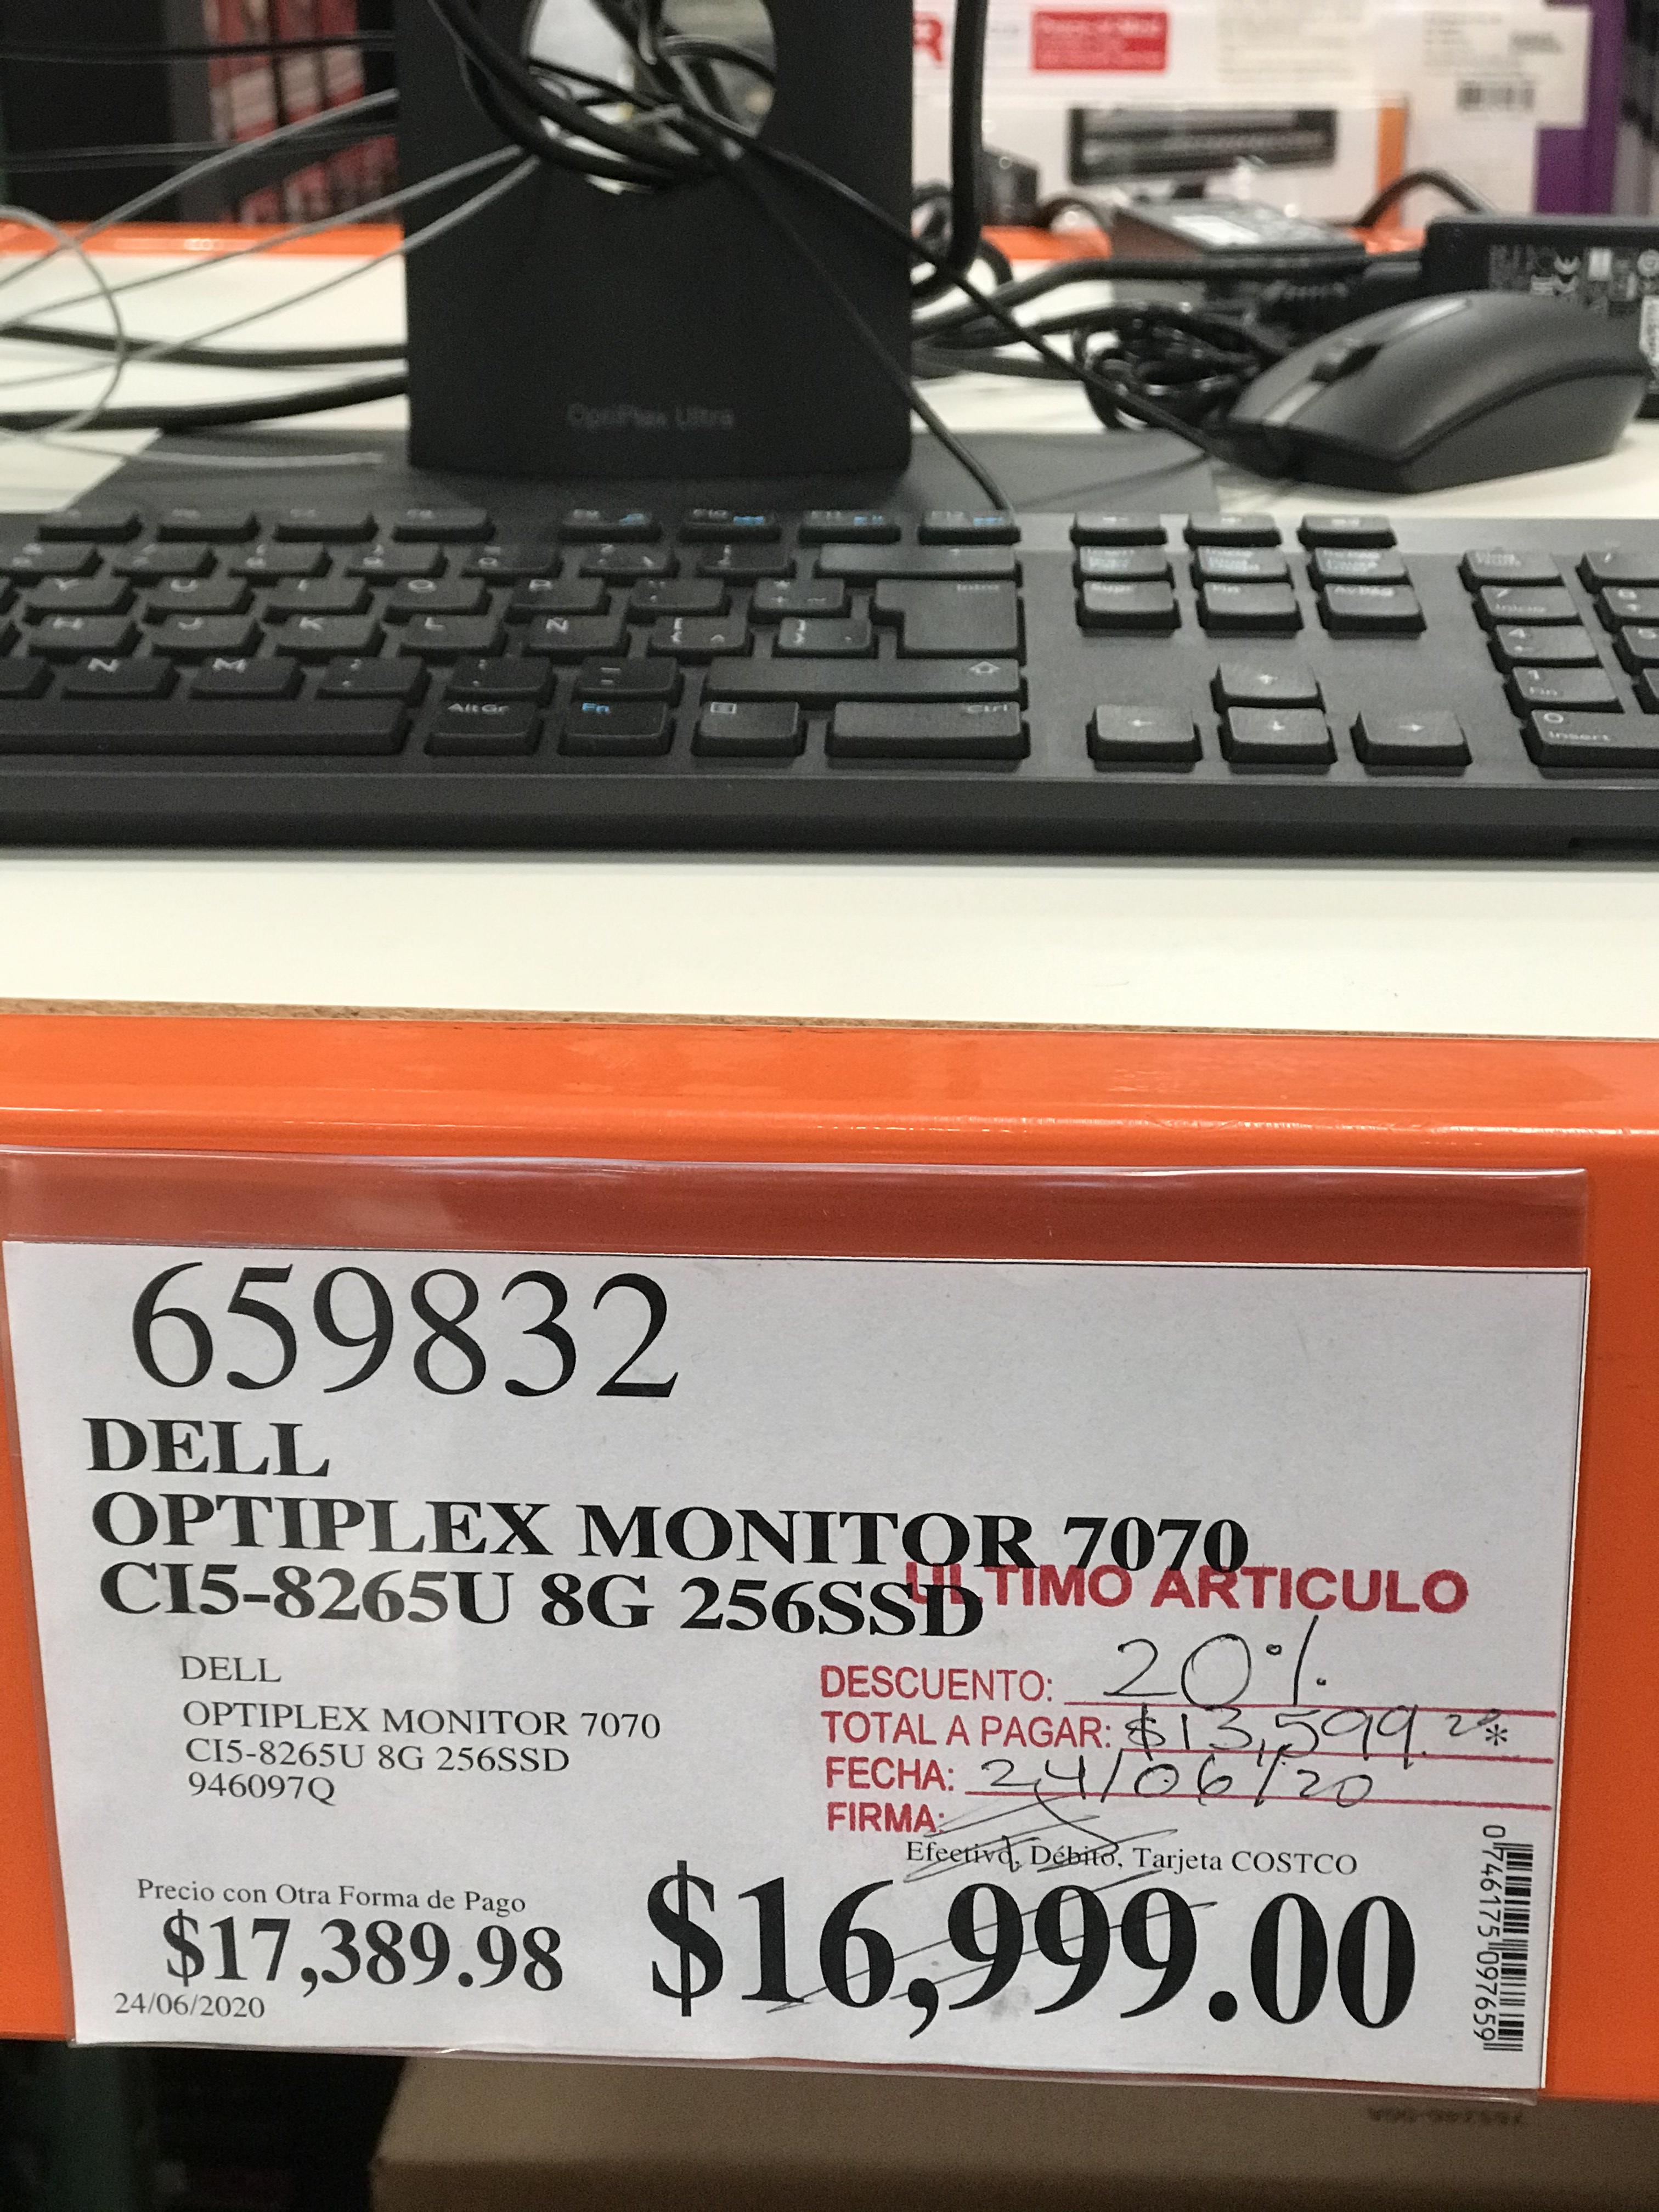 costco Dell optiplex 7070 monitor